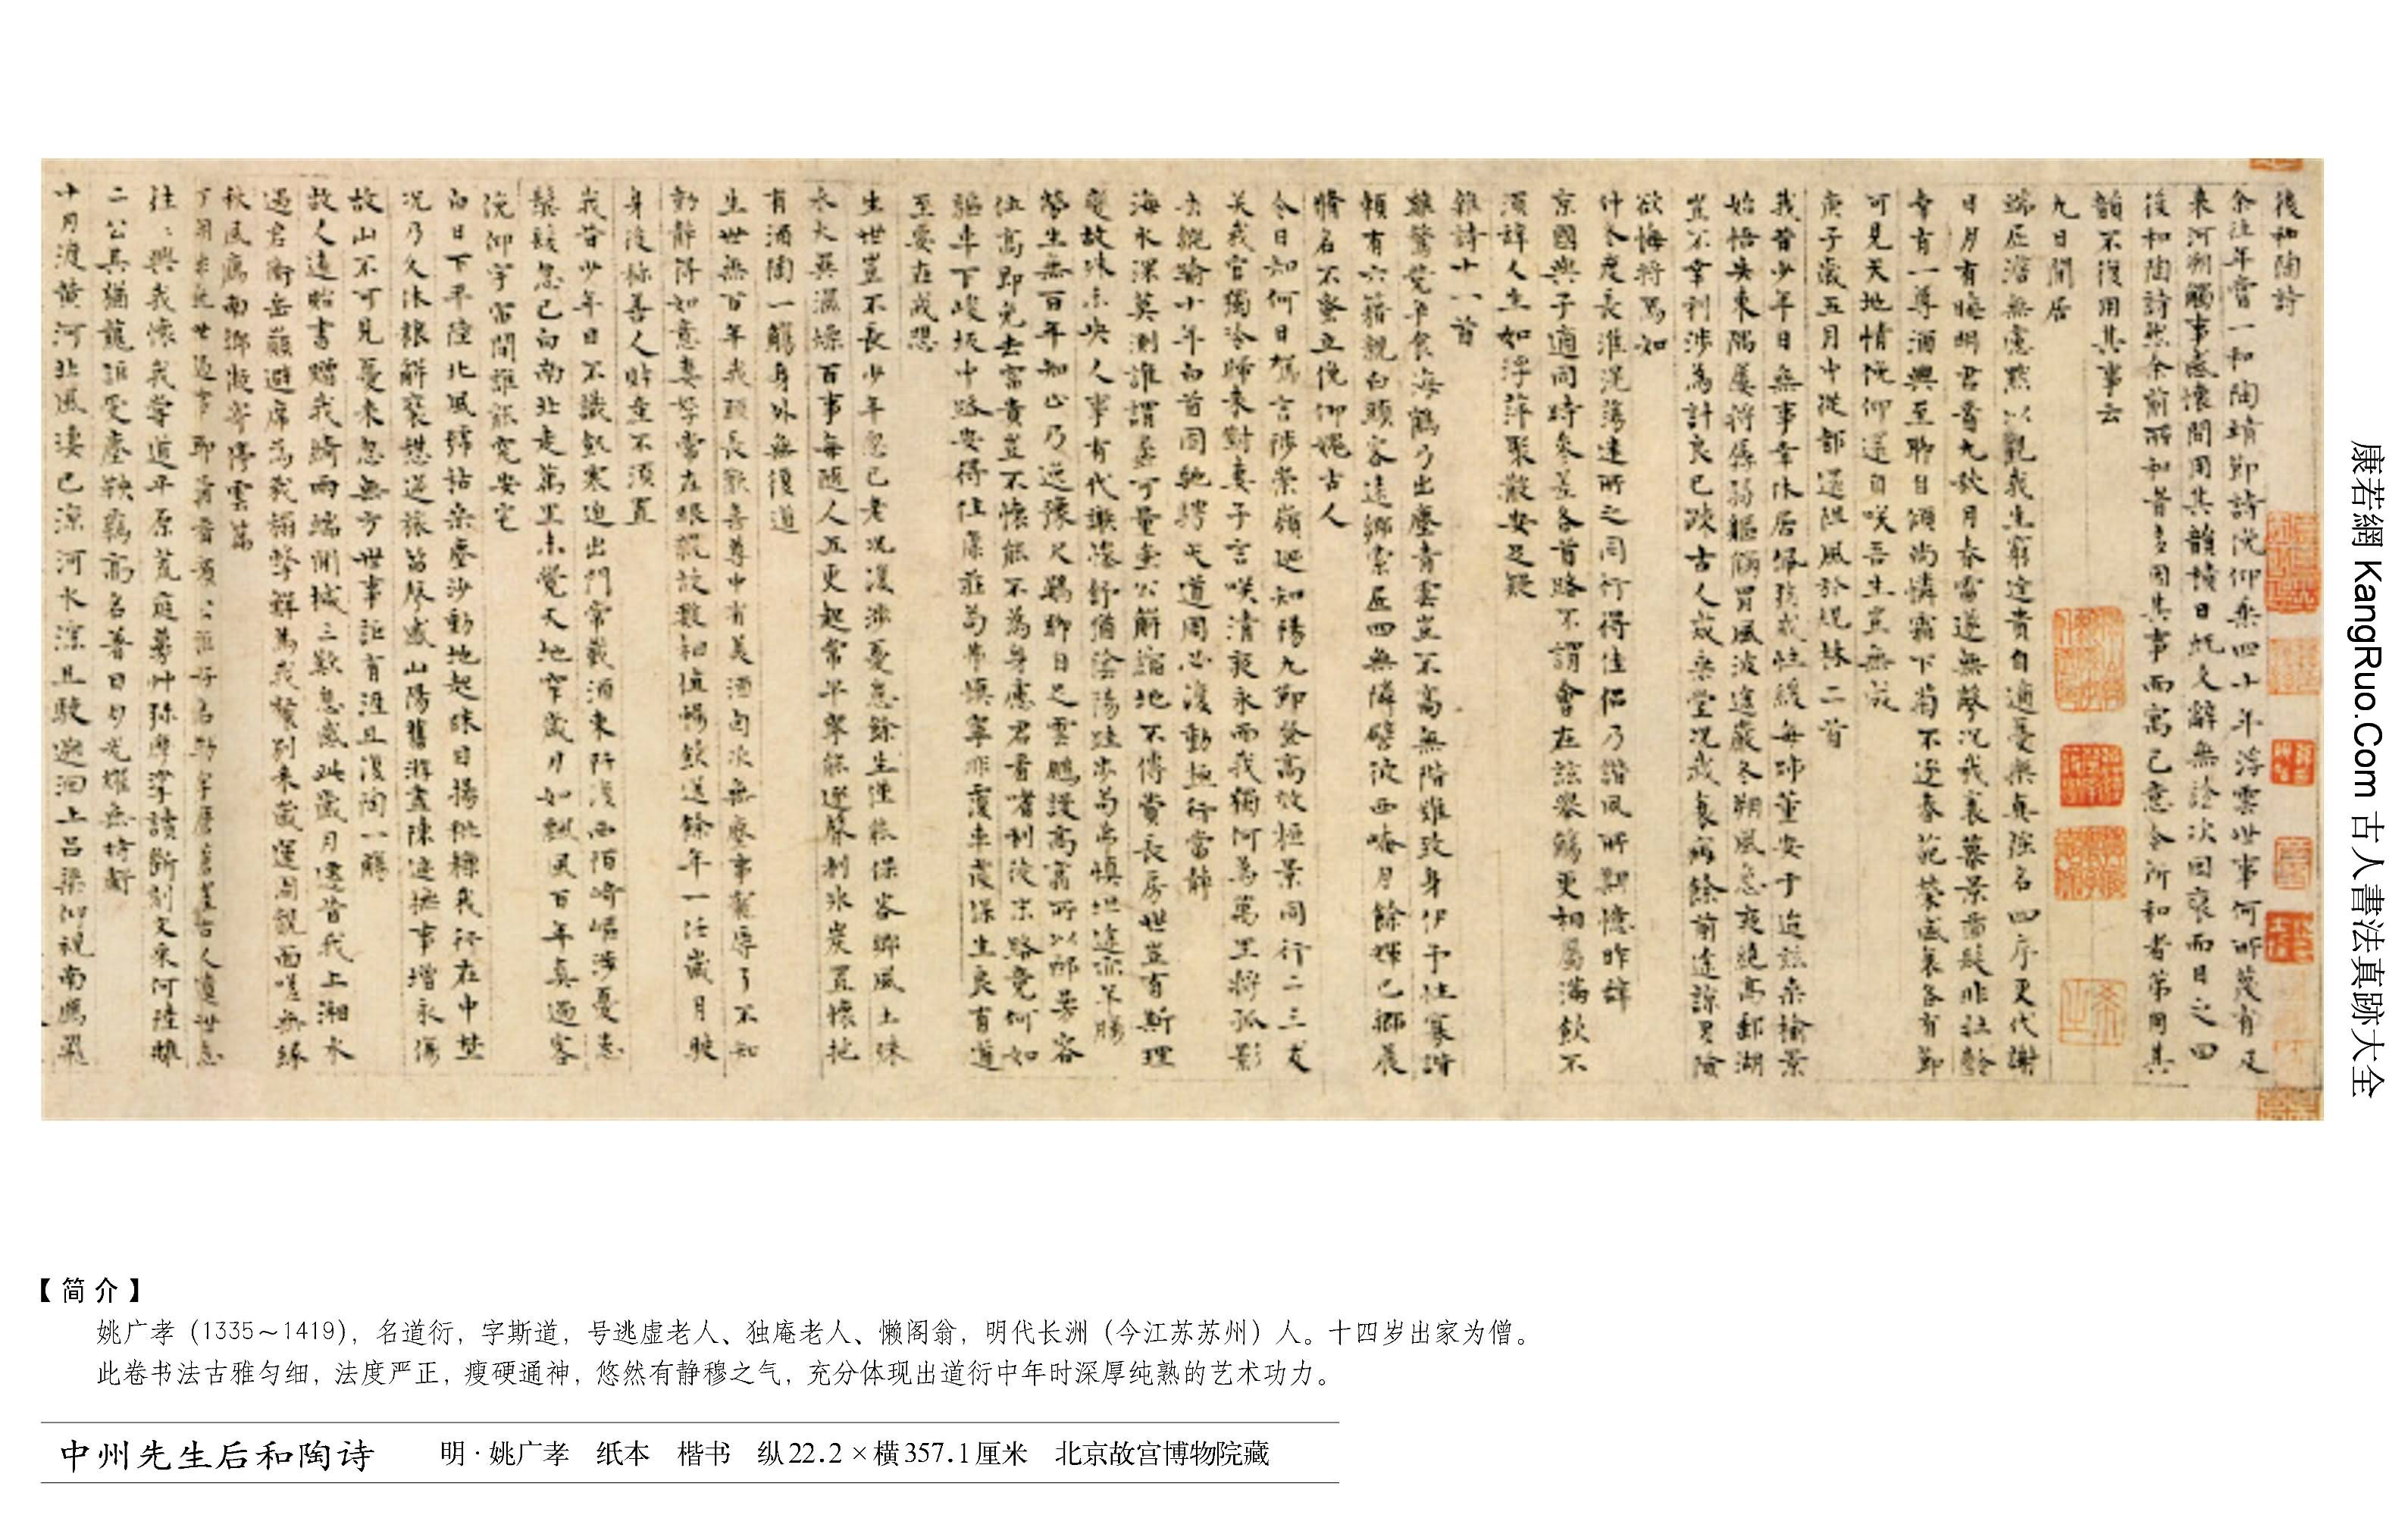 《中州先生後和陶詩》書法真跡(清晰度較差)(楷書)【明朝·姚廣孝】_00163